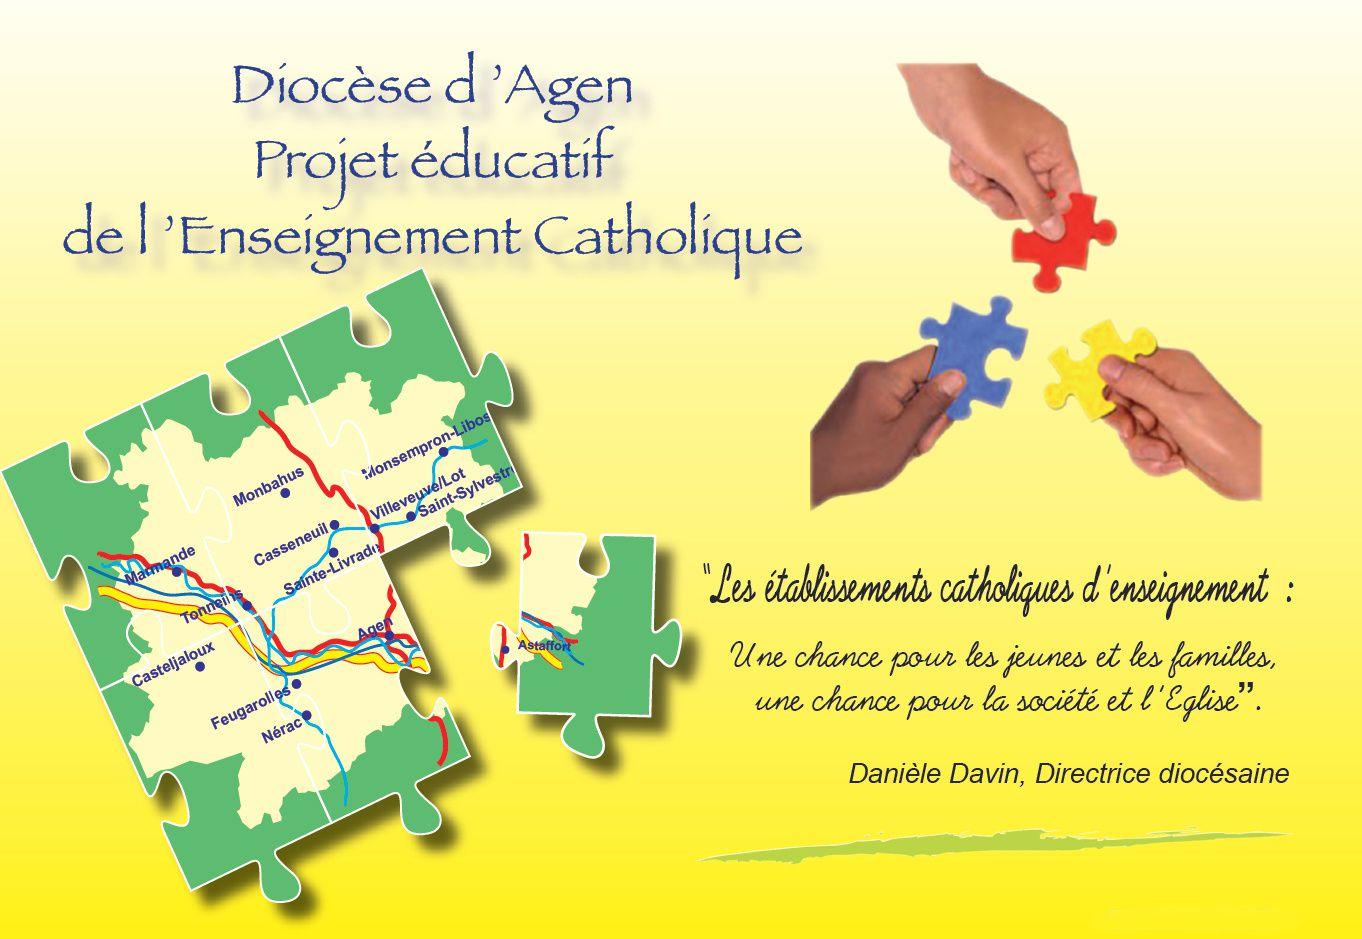 Diocèse d'Agen : Projet éducatif de l'Enseignement Catholique